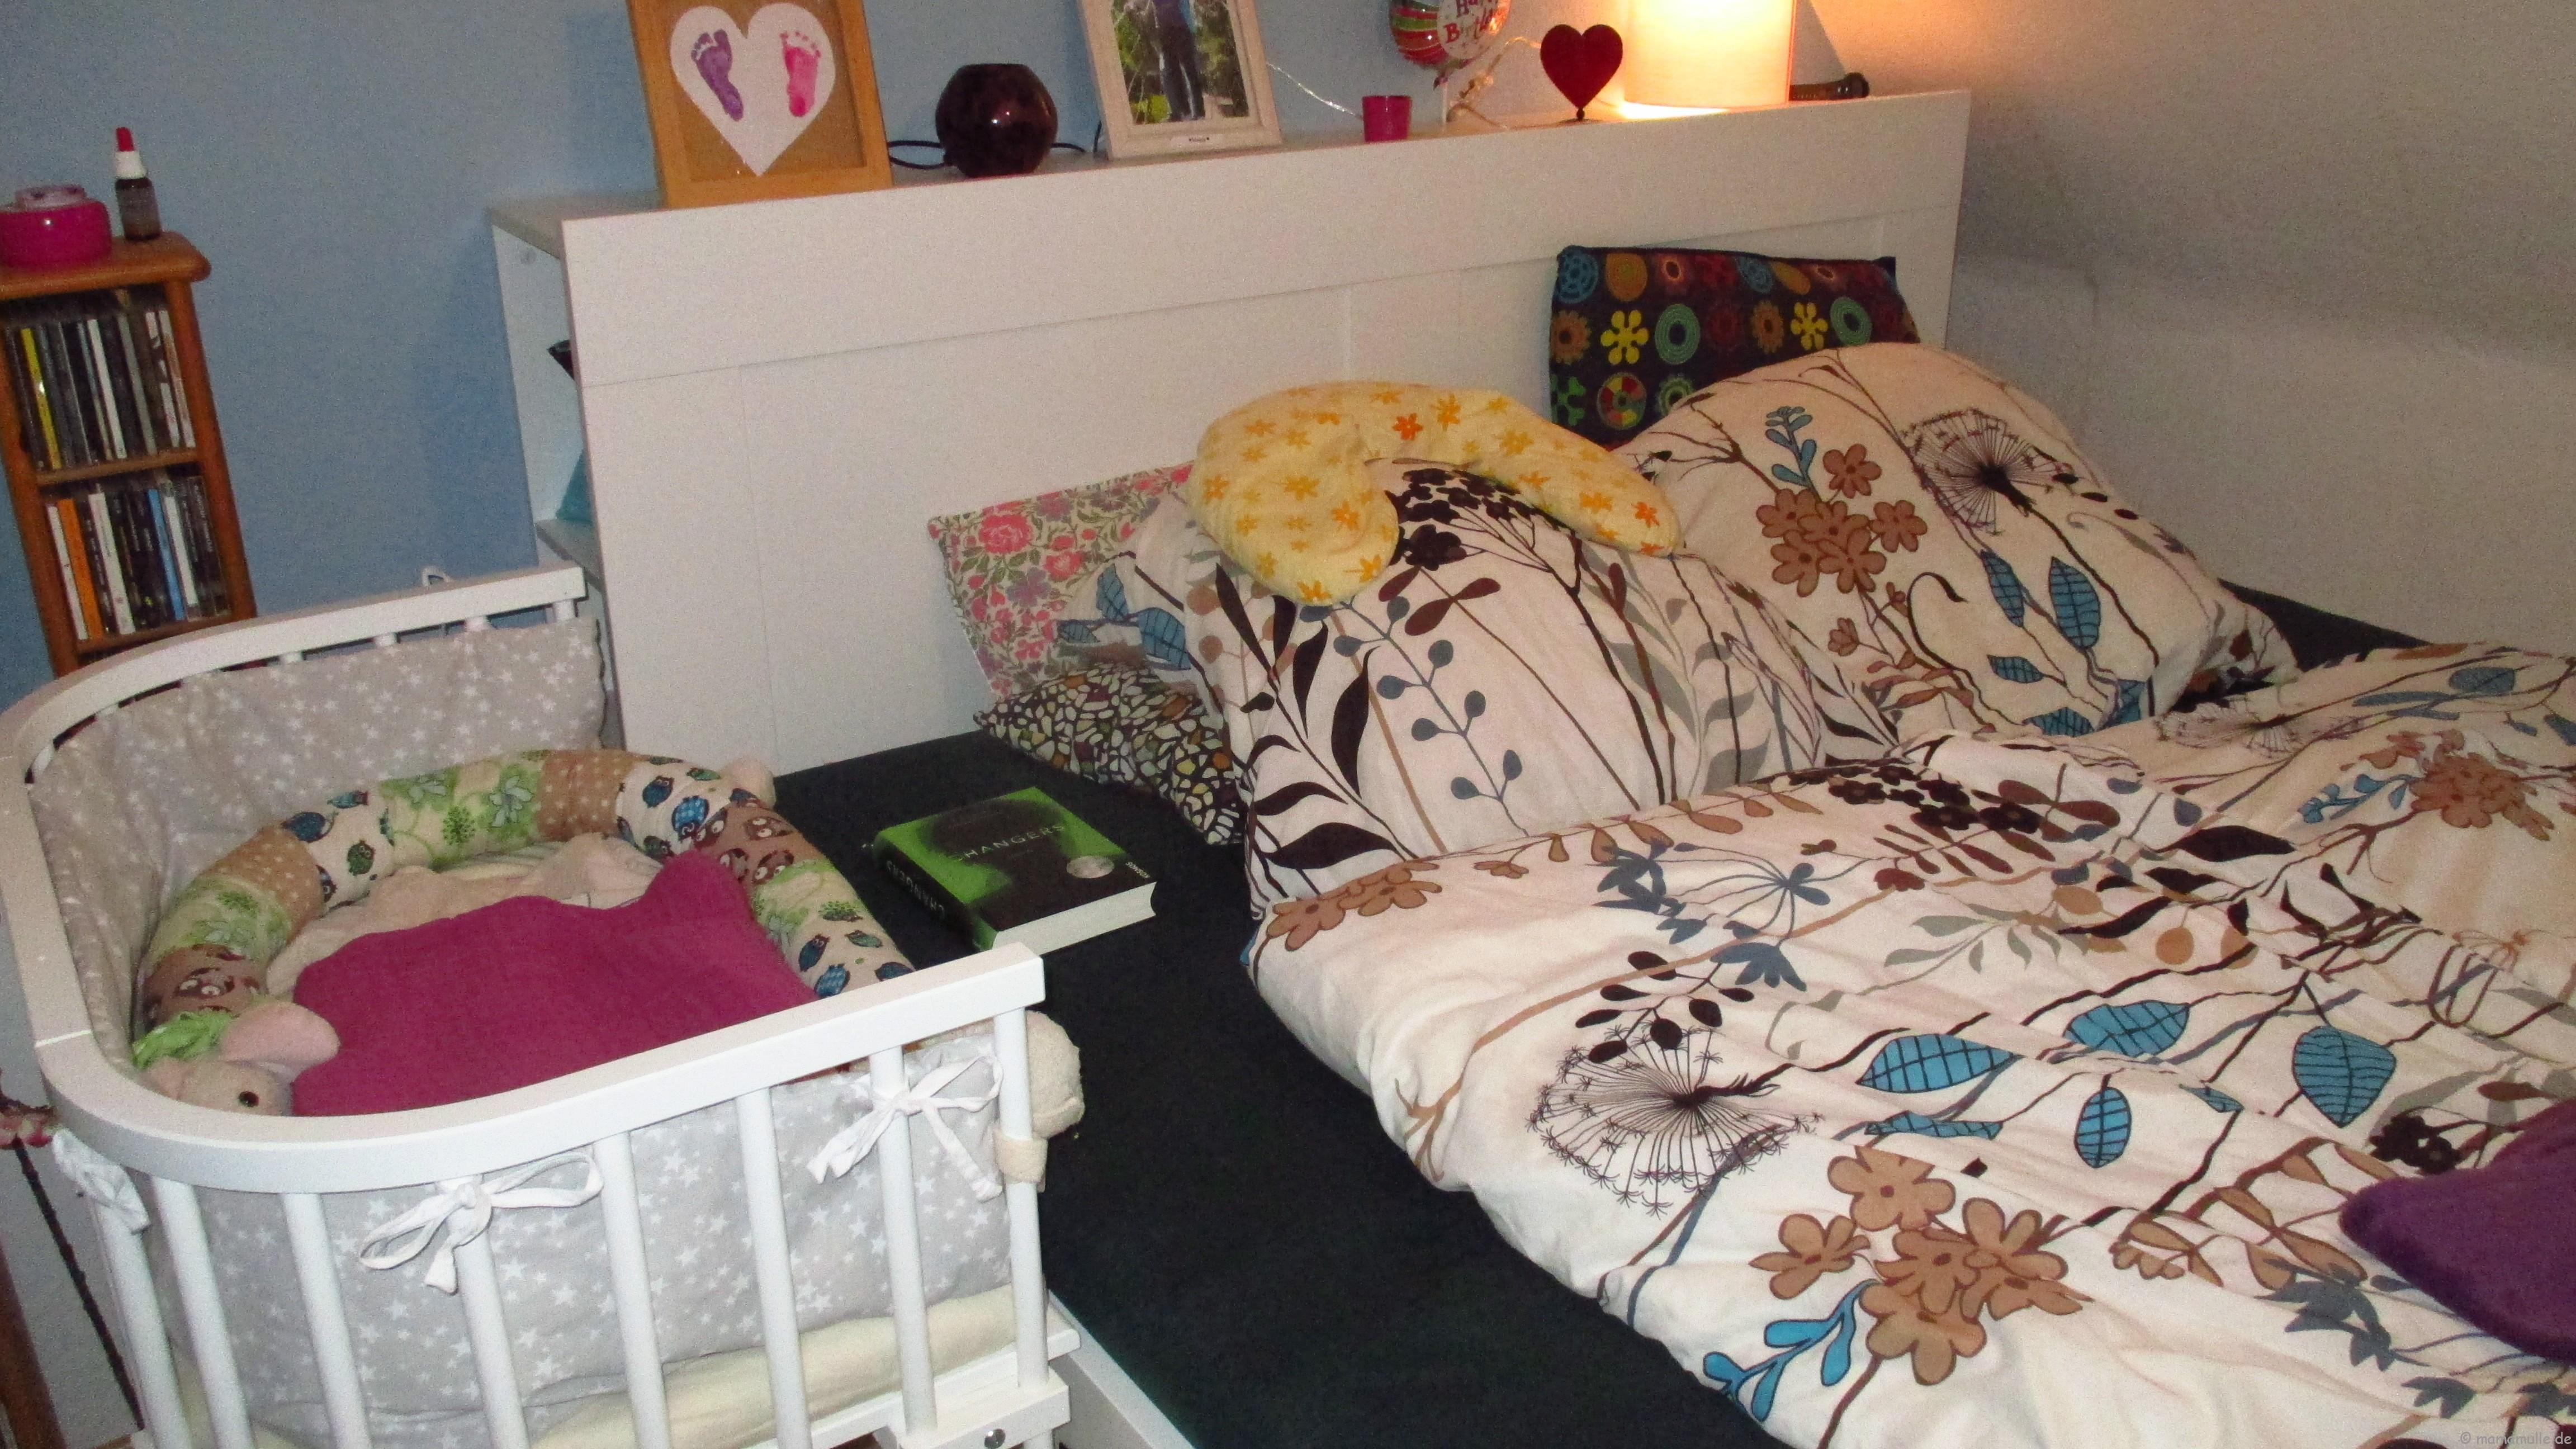 Neues Schlafzimmer mit Familienbett | Mamamulle\'s Blog